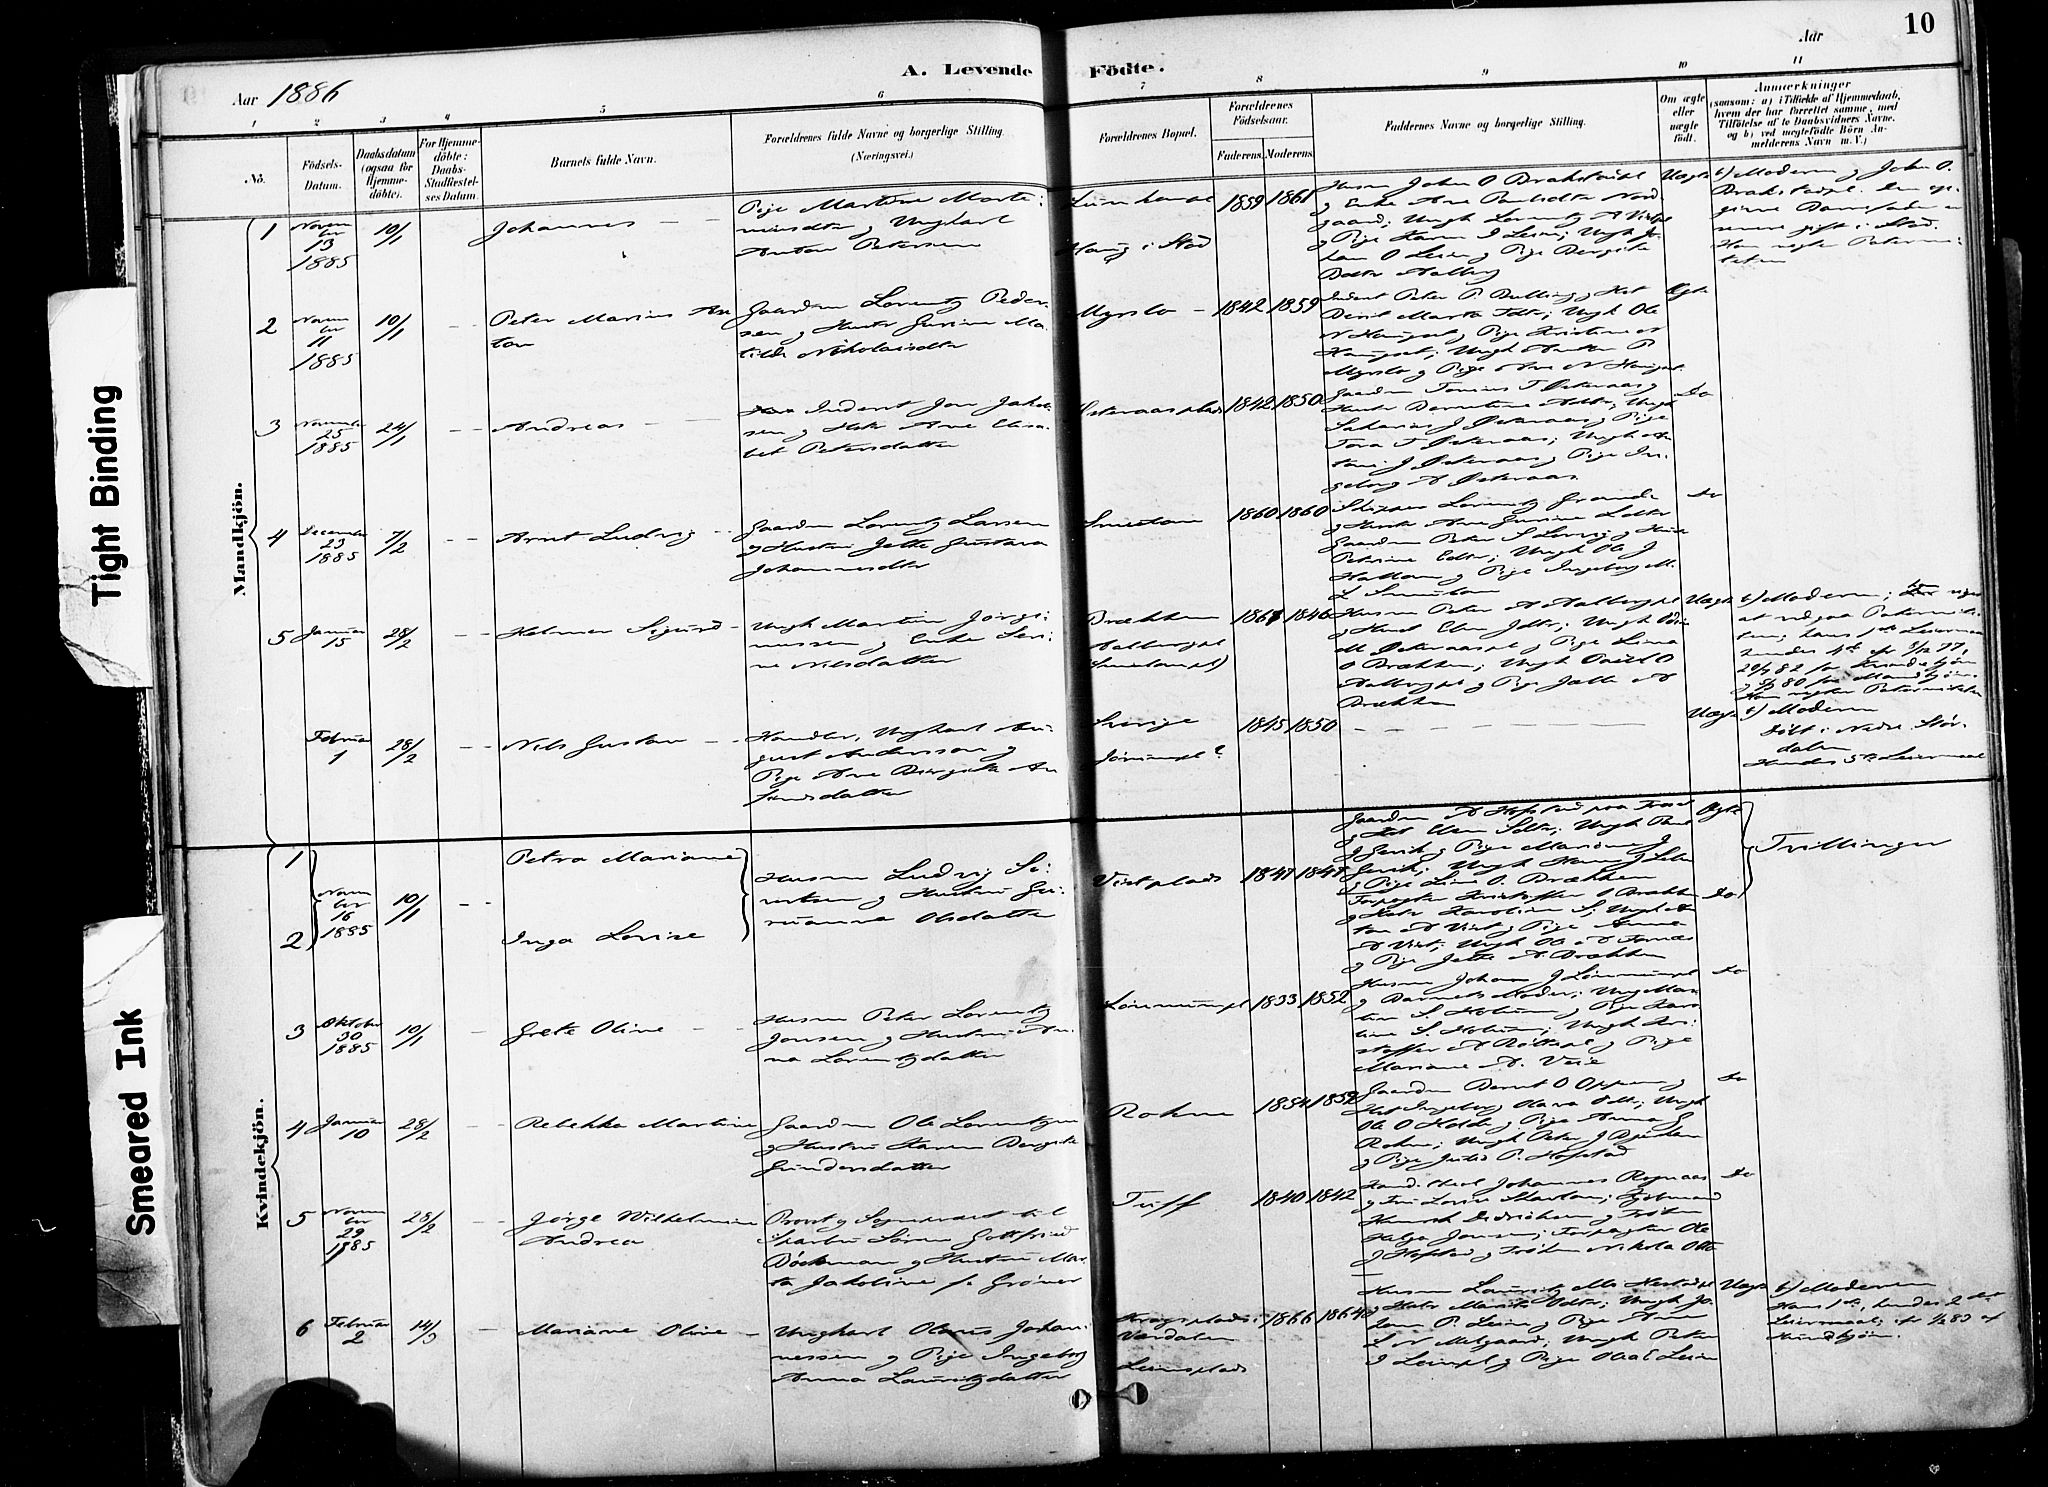 SAT, Ministerialprotokoller, klokkerbøker og fødselsregistre - Nord-Trøndelag, 735/L0351: Ministerialbok nr. 735A10, 1884-1908, s. 10